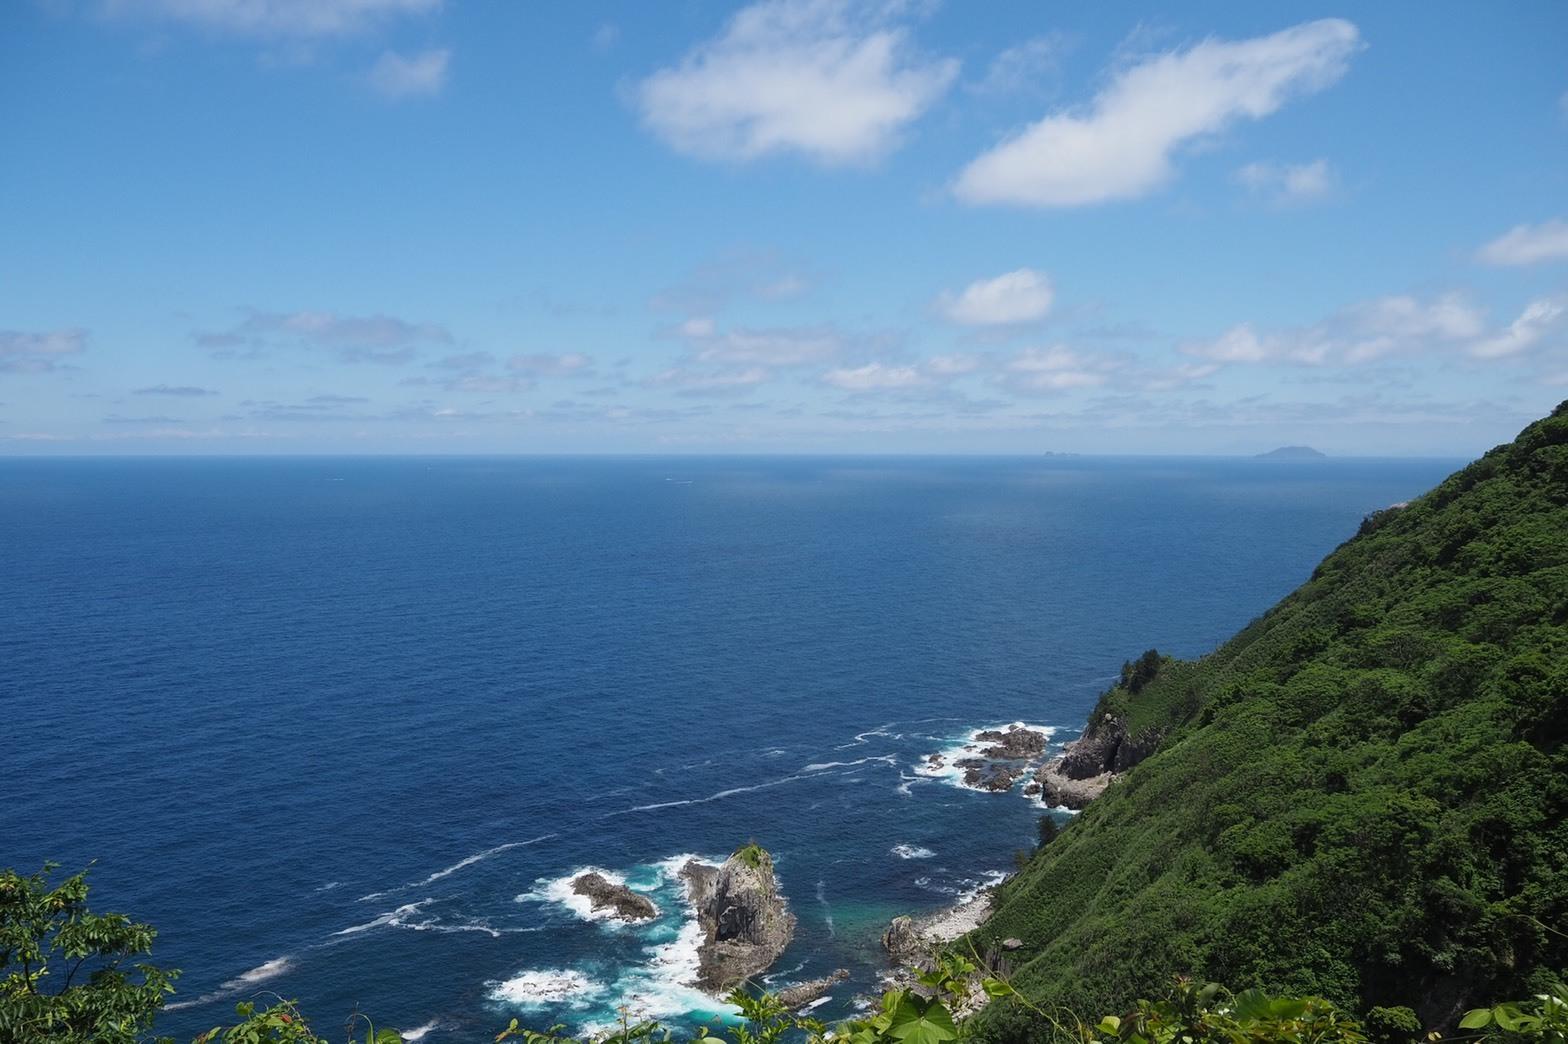 ぴーきち&ダイナ ハーレーブログ 京都丹後半島ツーリンング 経ヶ岬の絶景